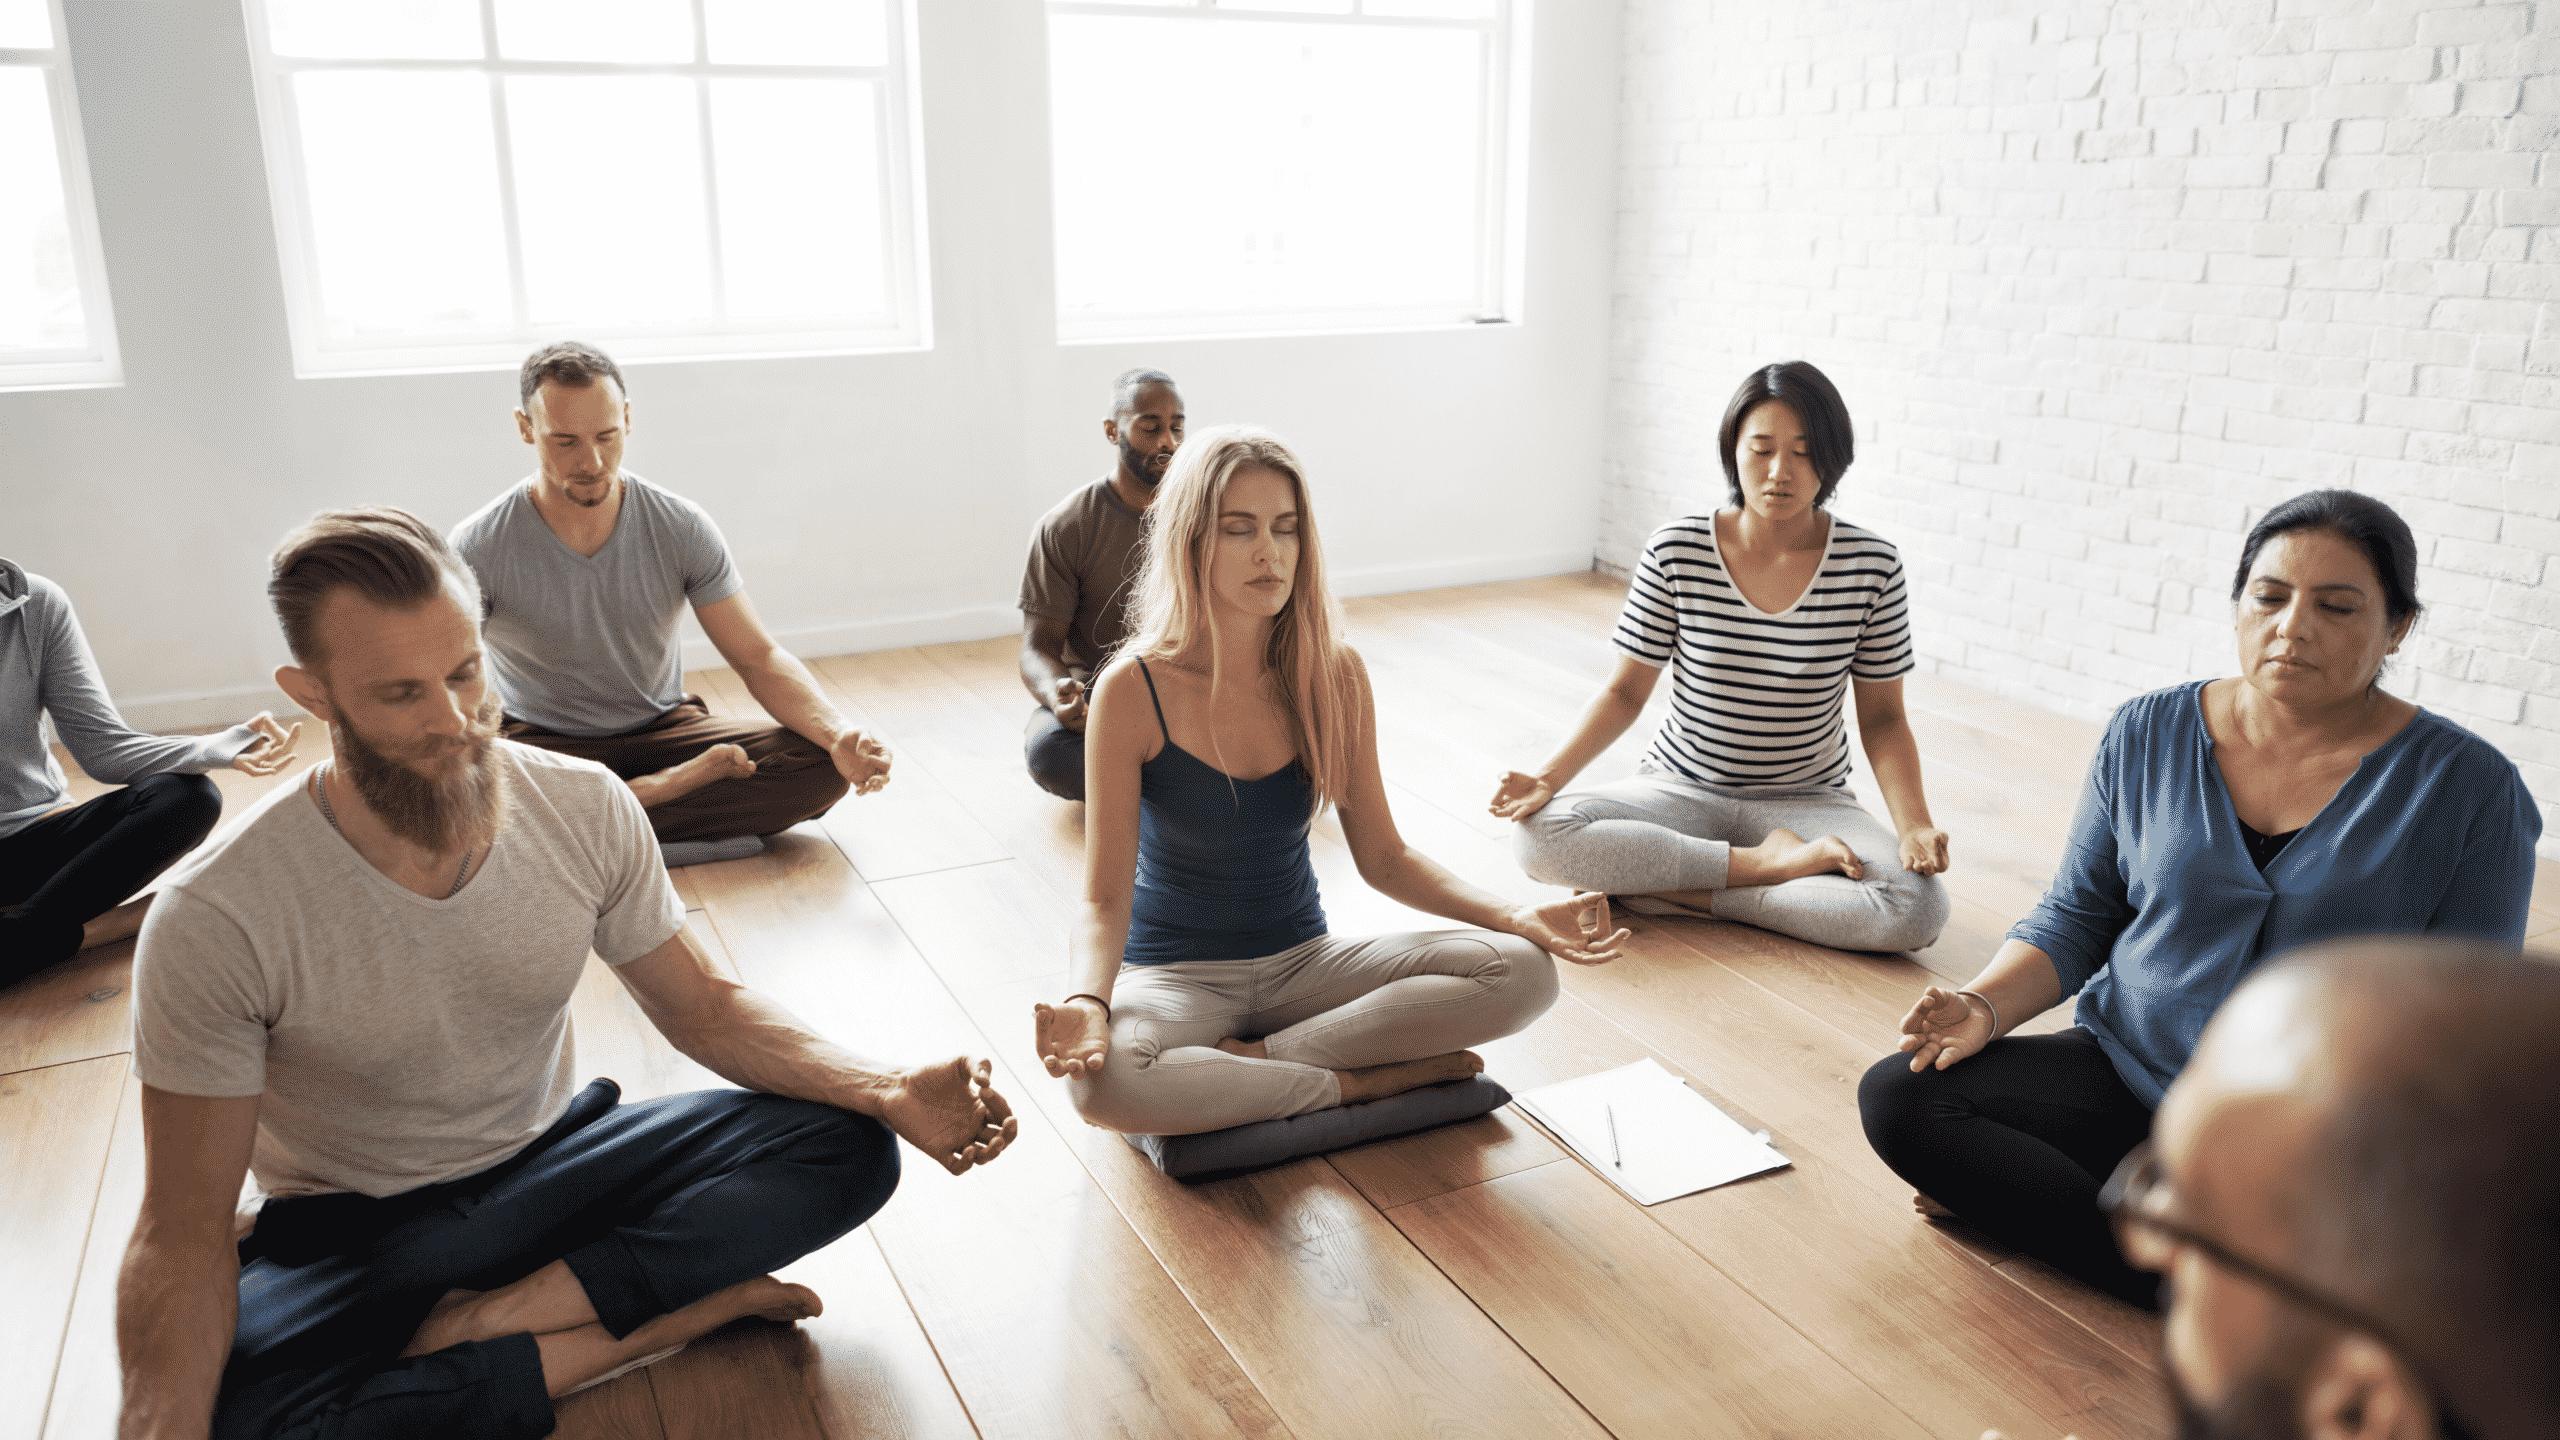 Yogagruppe, gemischt, Meditationshaltung, Augen geschlossen, Entspannung